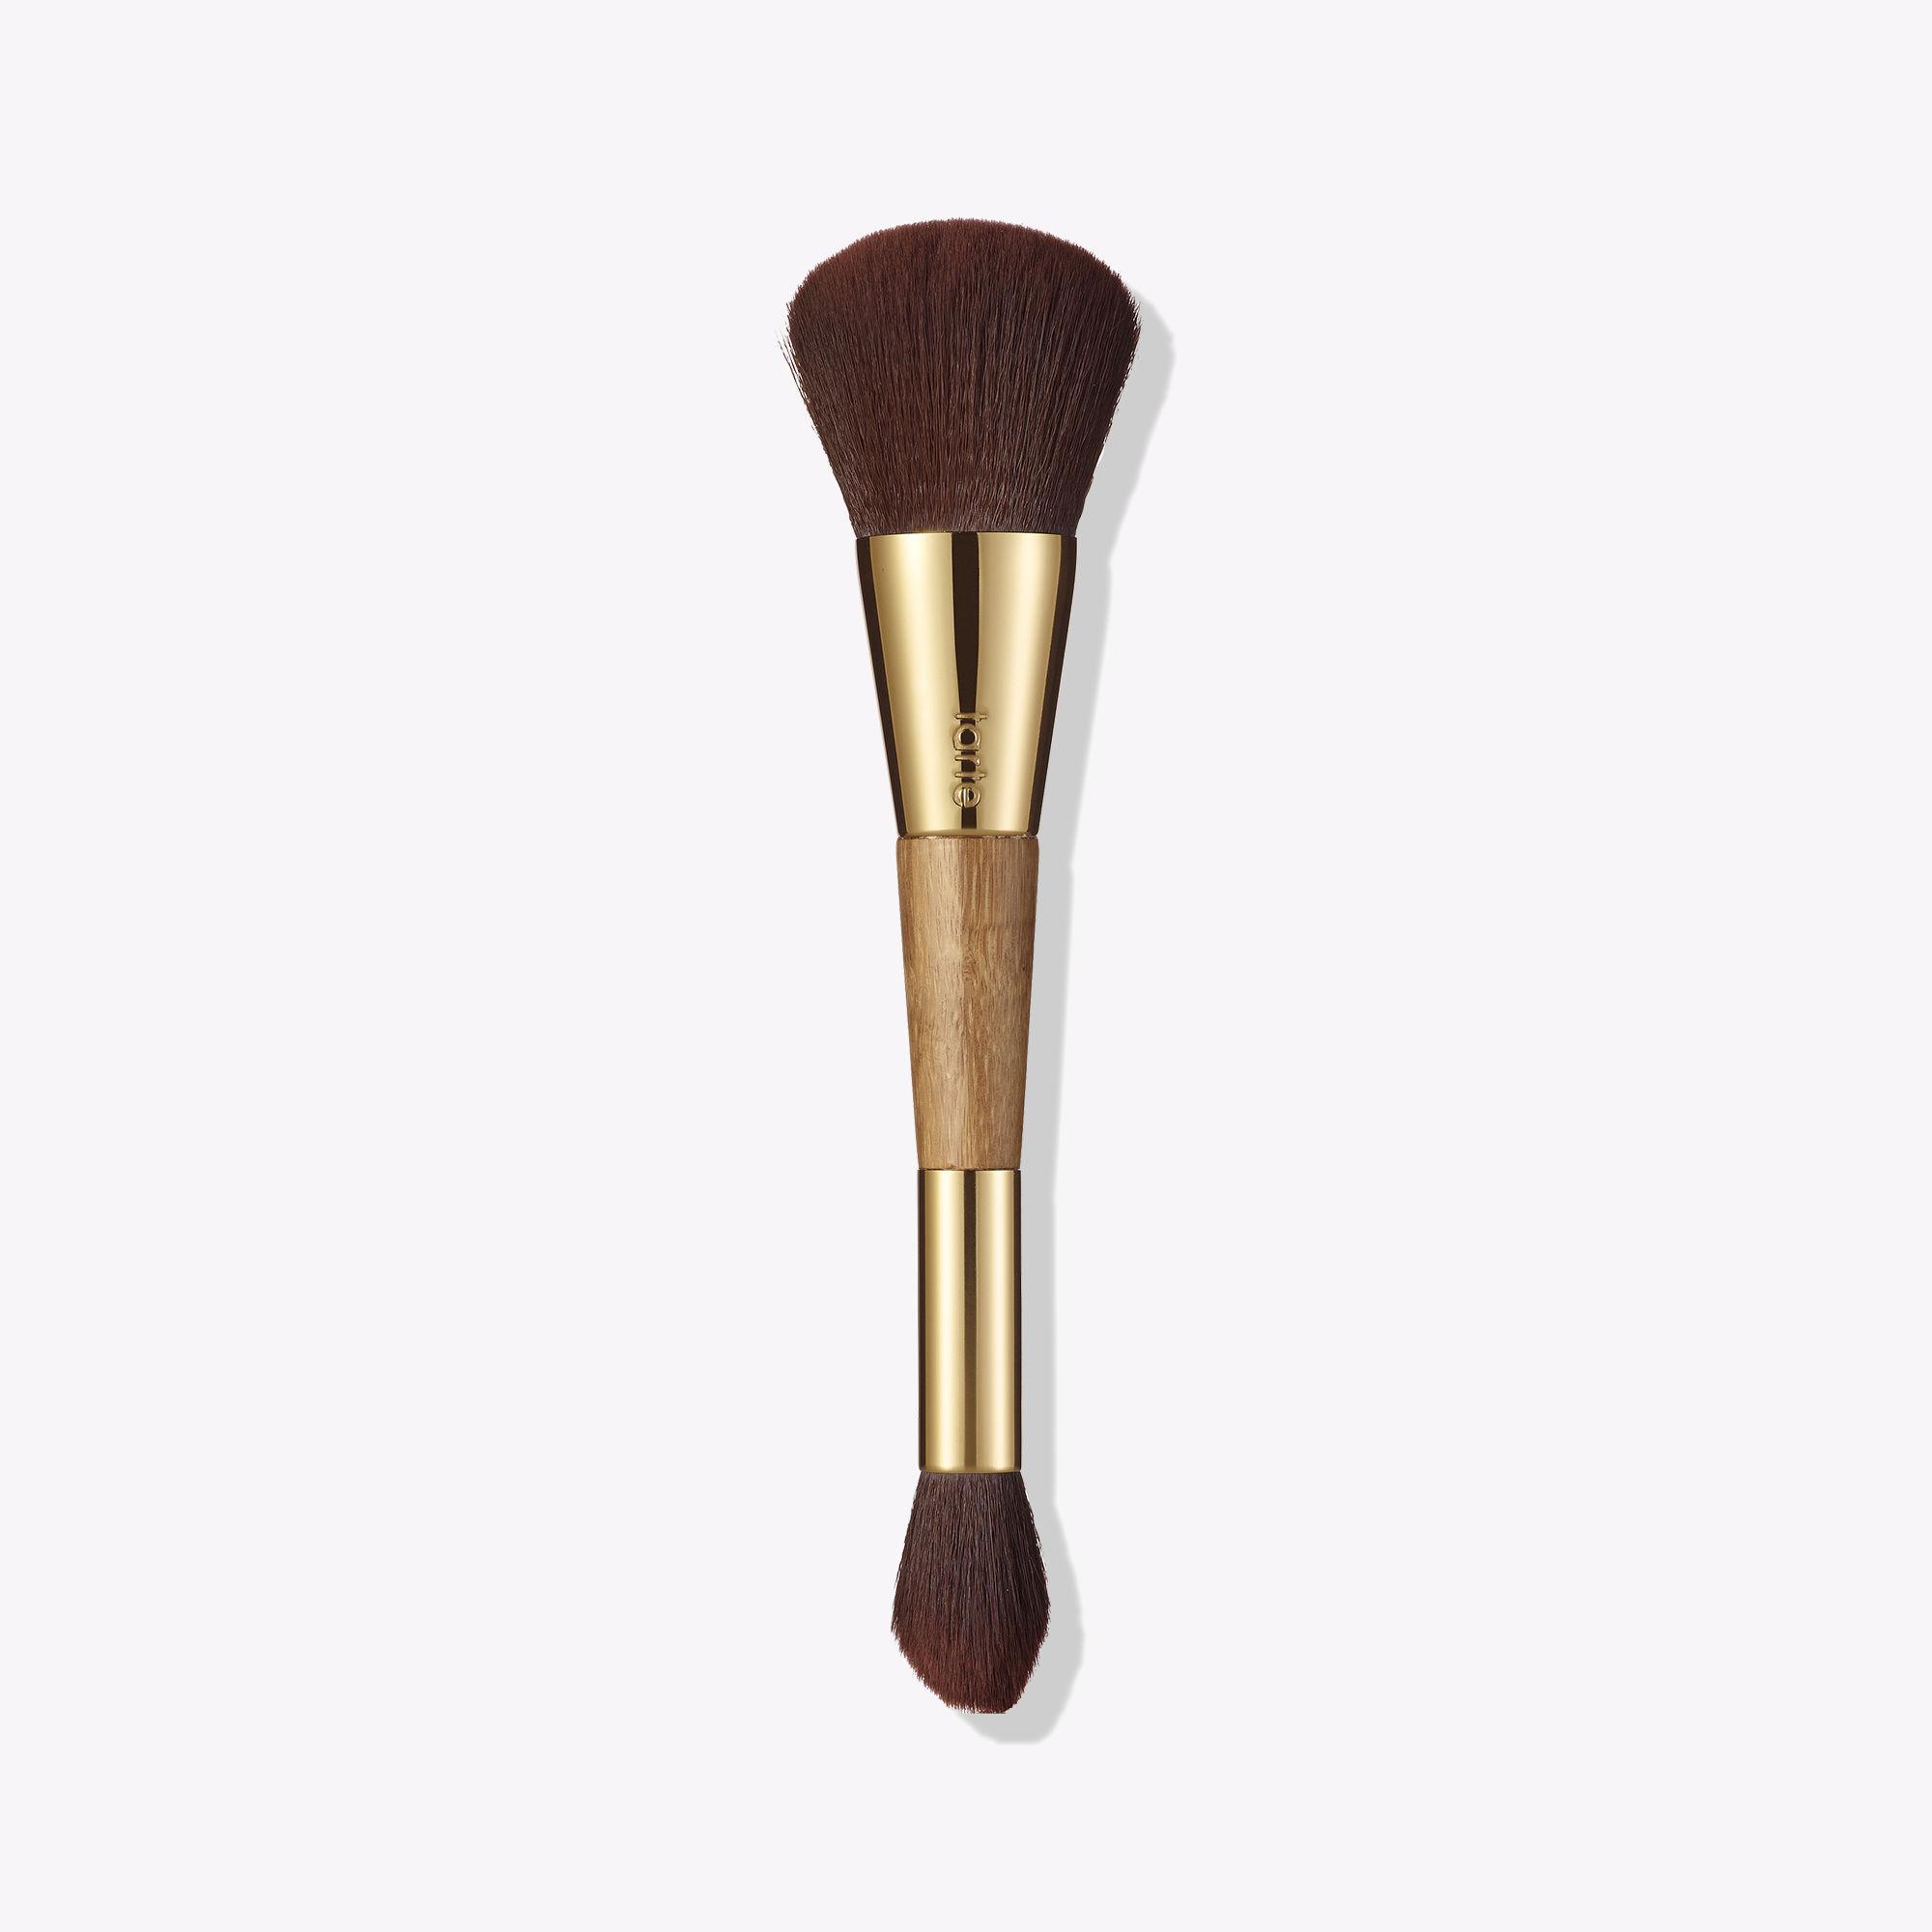 658-bronze-&-glow-contour-brush--CORE-main-img_MAIN.jpg